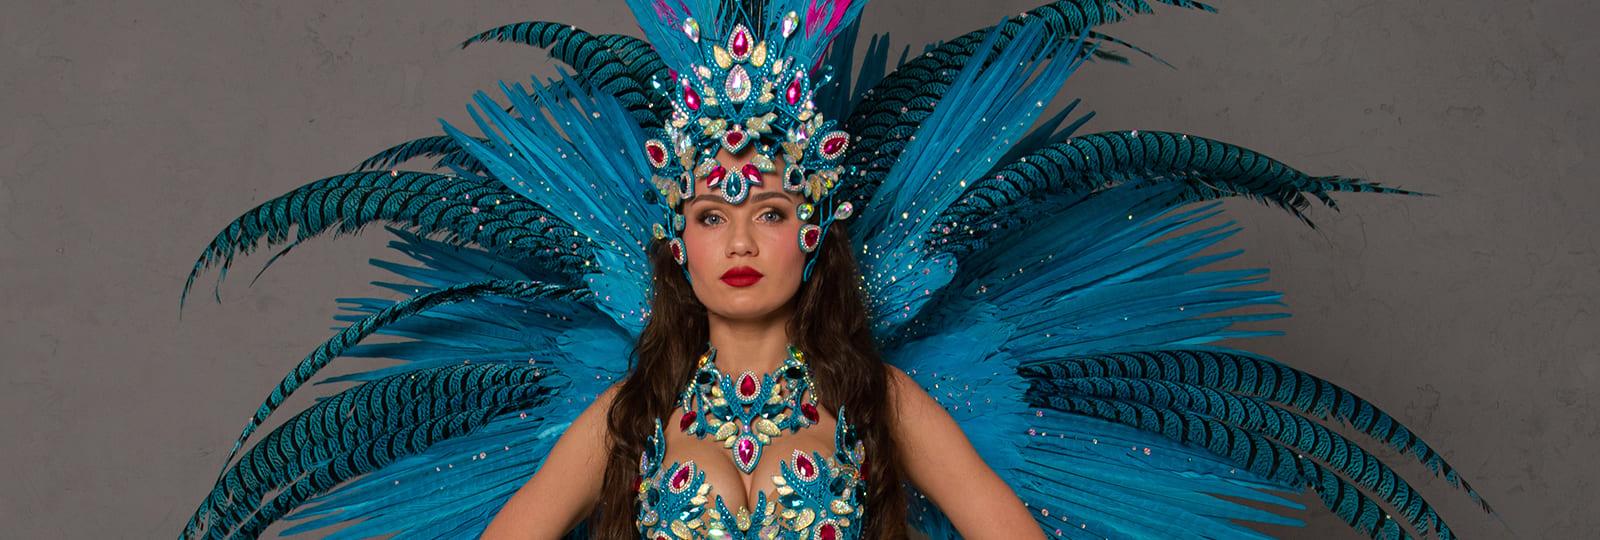 Бразильская самба | Шоу-балет Exotic Art в Санкт-Петербурге